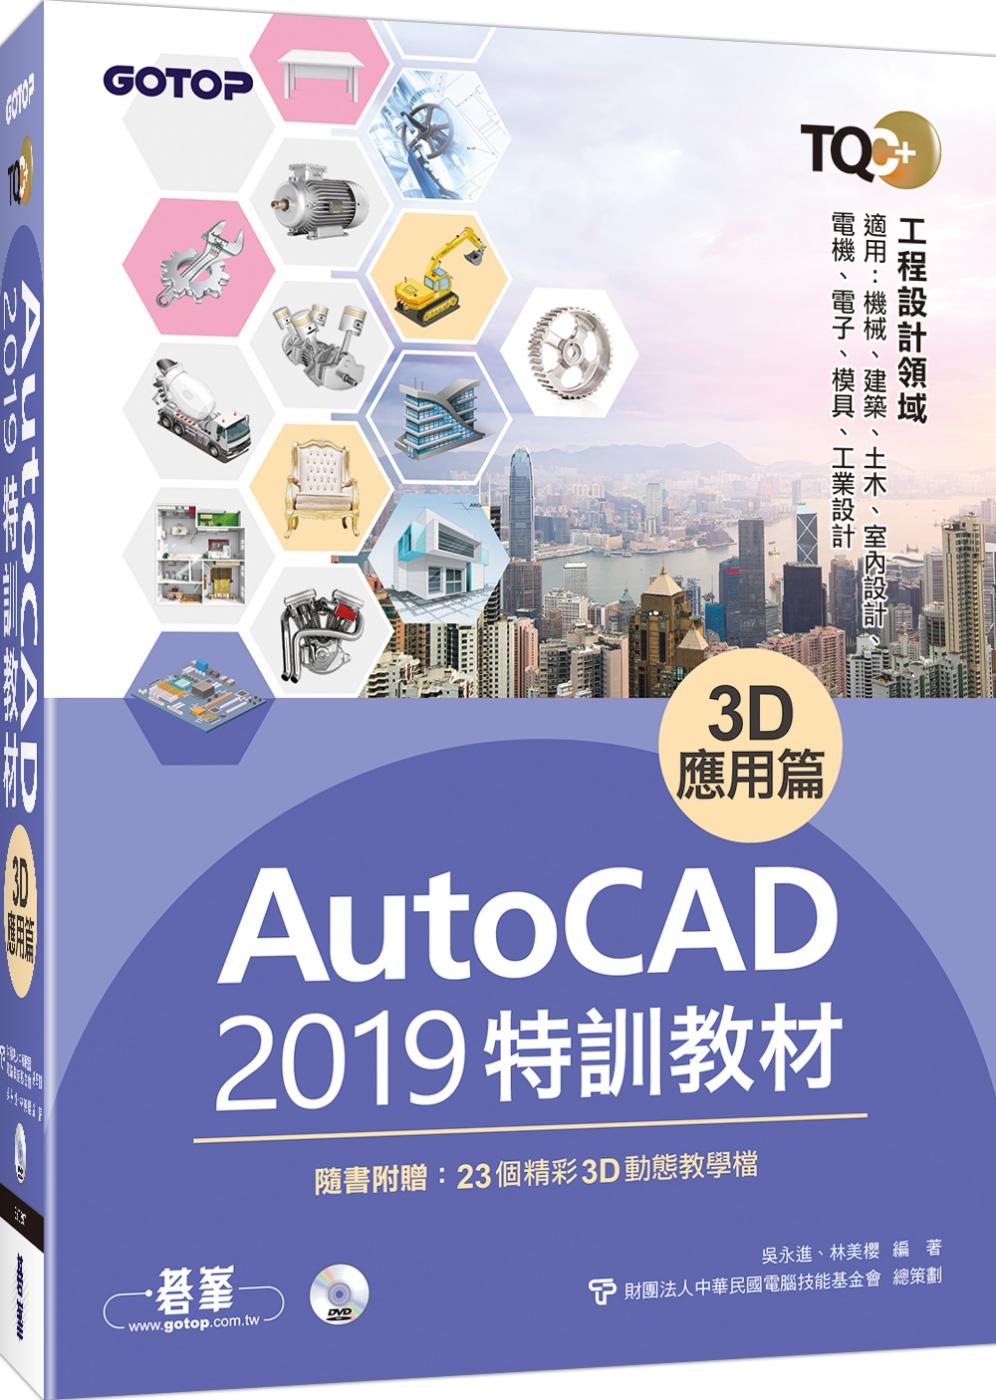 TQC+ AutoCAD 2019特訓教材:3D應用篇(隨書附贈23個精彩3D動態教學檔)